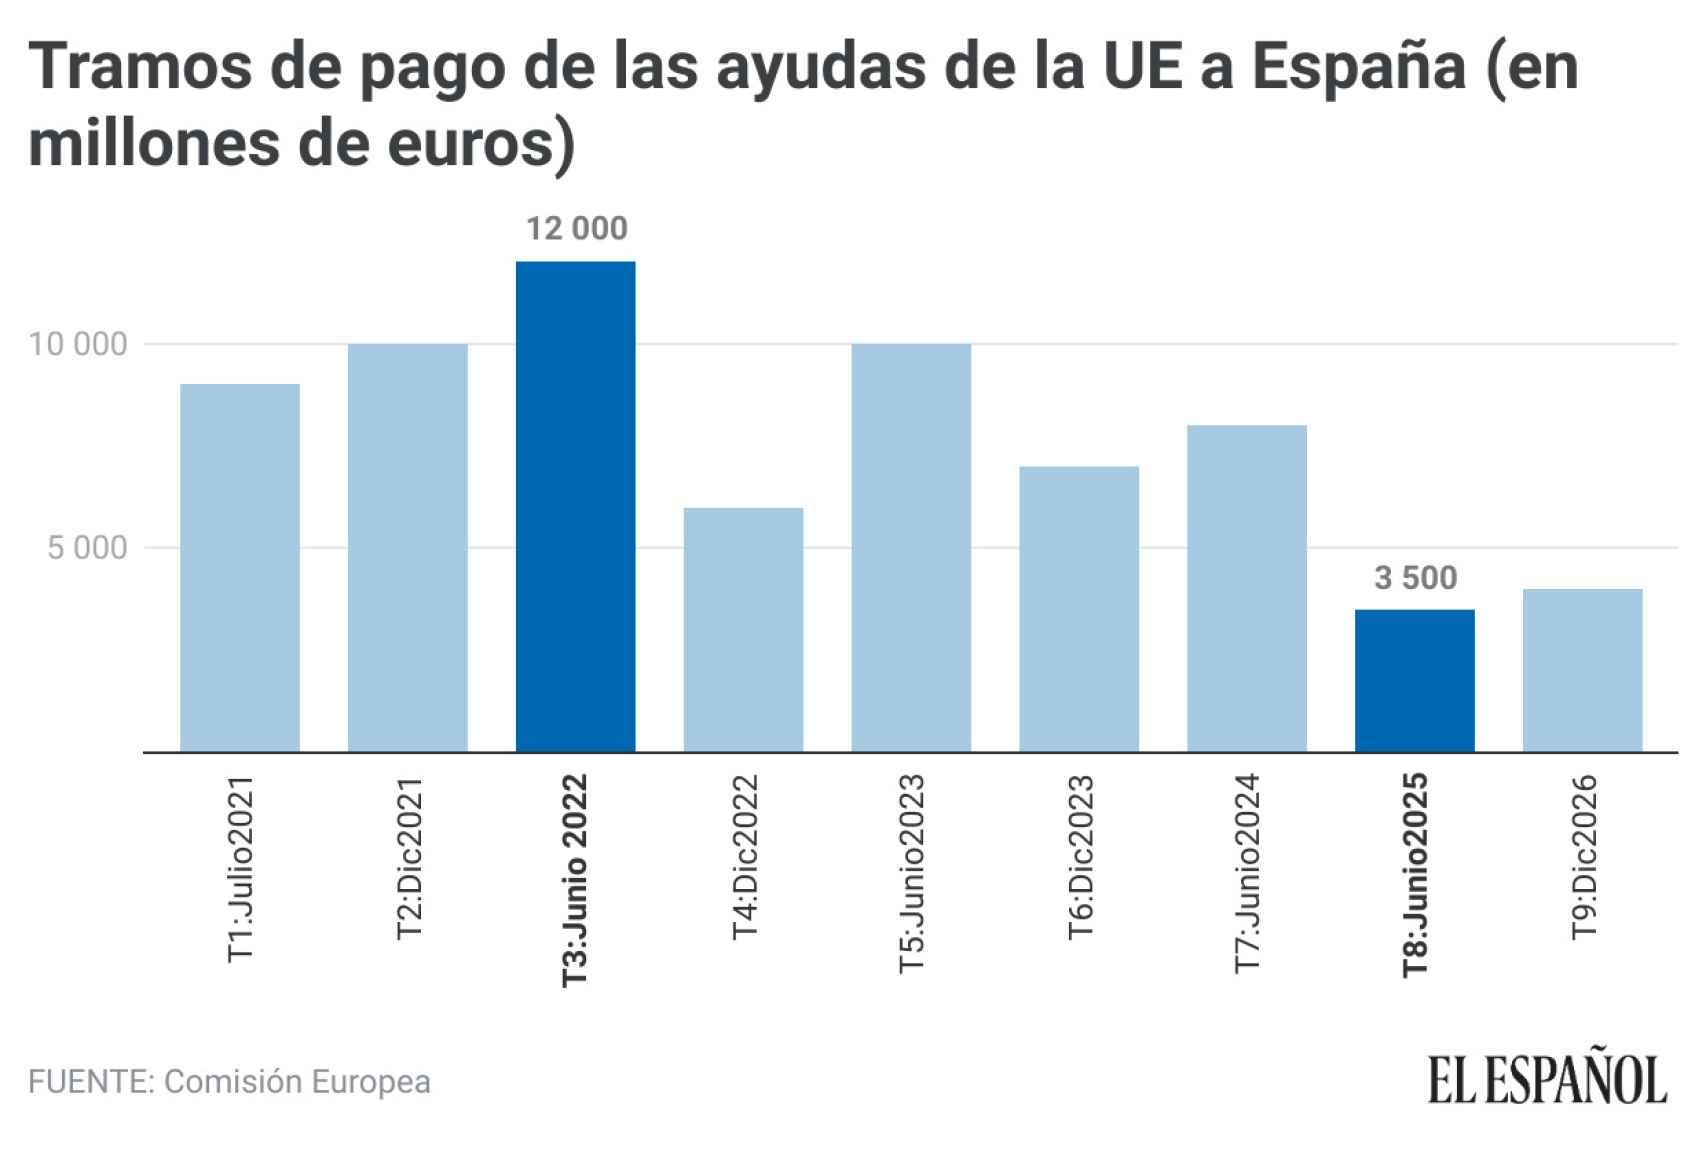 Tramos de pago de las ayudas de la UE a España